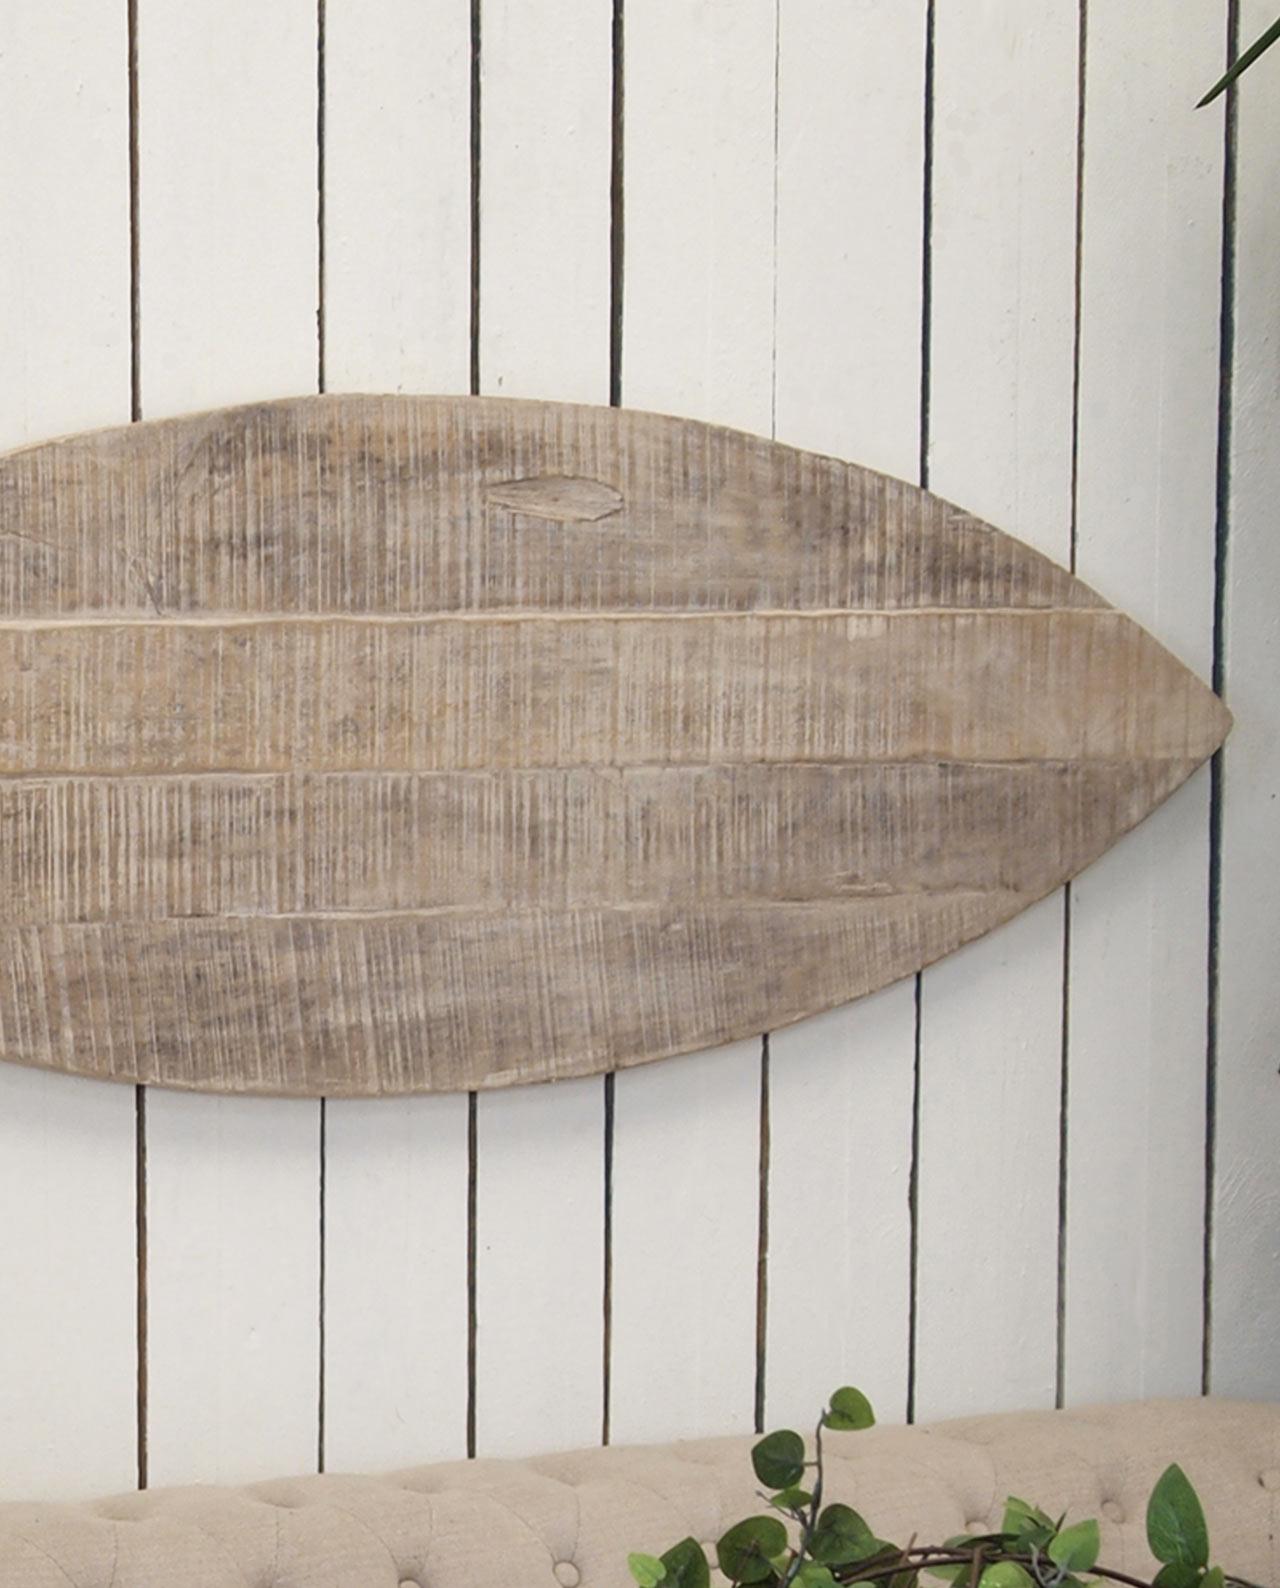 Decorare le pareti pannelli legno a forma di pesce - Pannello decorativo parete ...